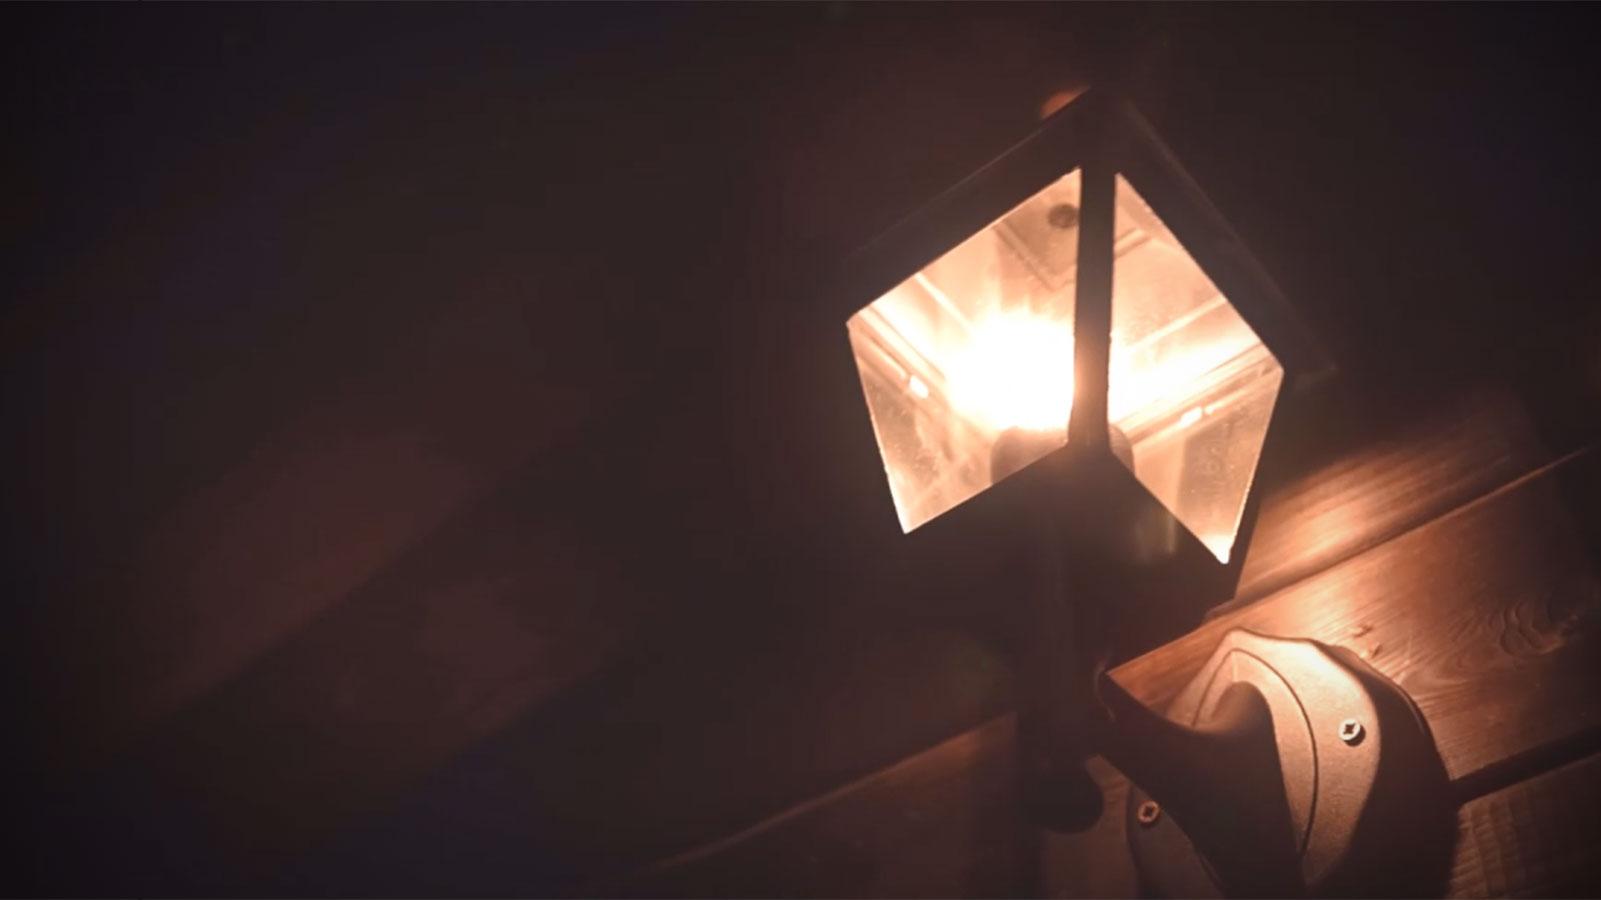 Lampada - Il Rifugio delle Ombre